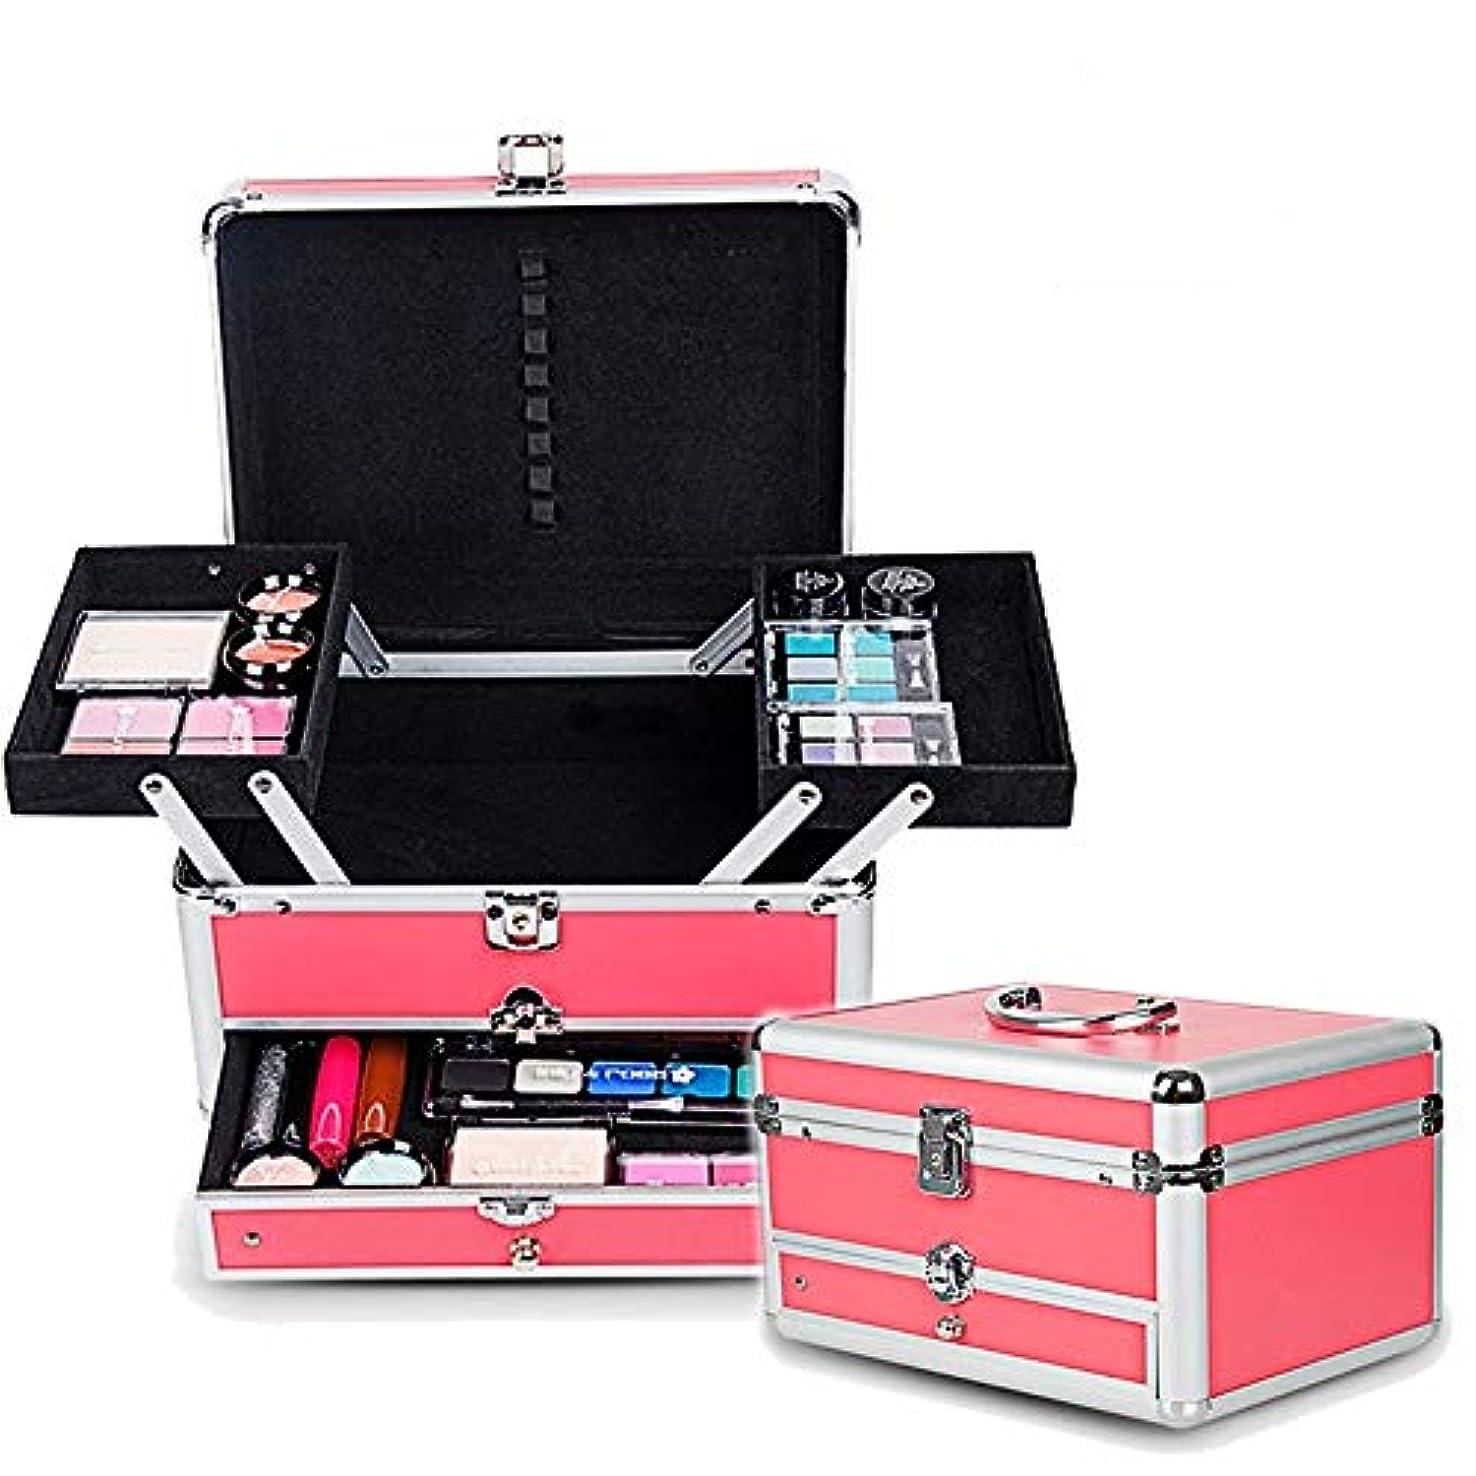 どれでもめったに緩む特大スペース収納ビューティーボックス 多機能ポータブル旅行化粧ケース化粧品袋トイレタリーバッグ用十代の女の子女性アーティスト 化粧品化粧台